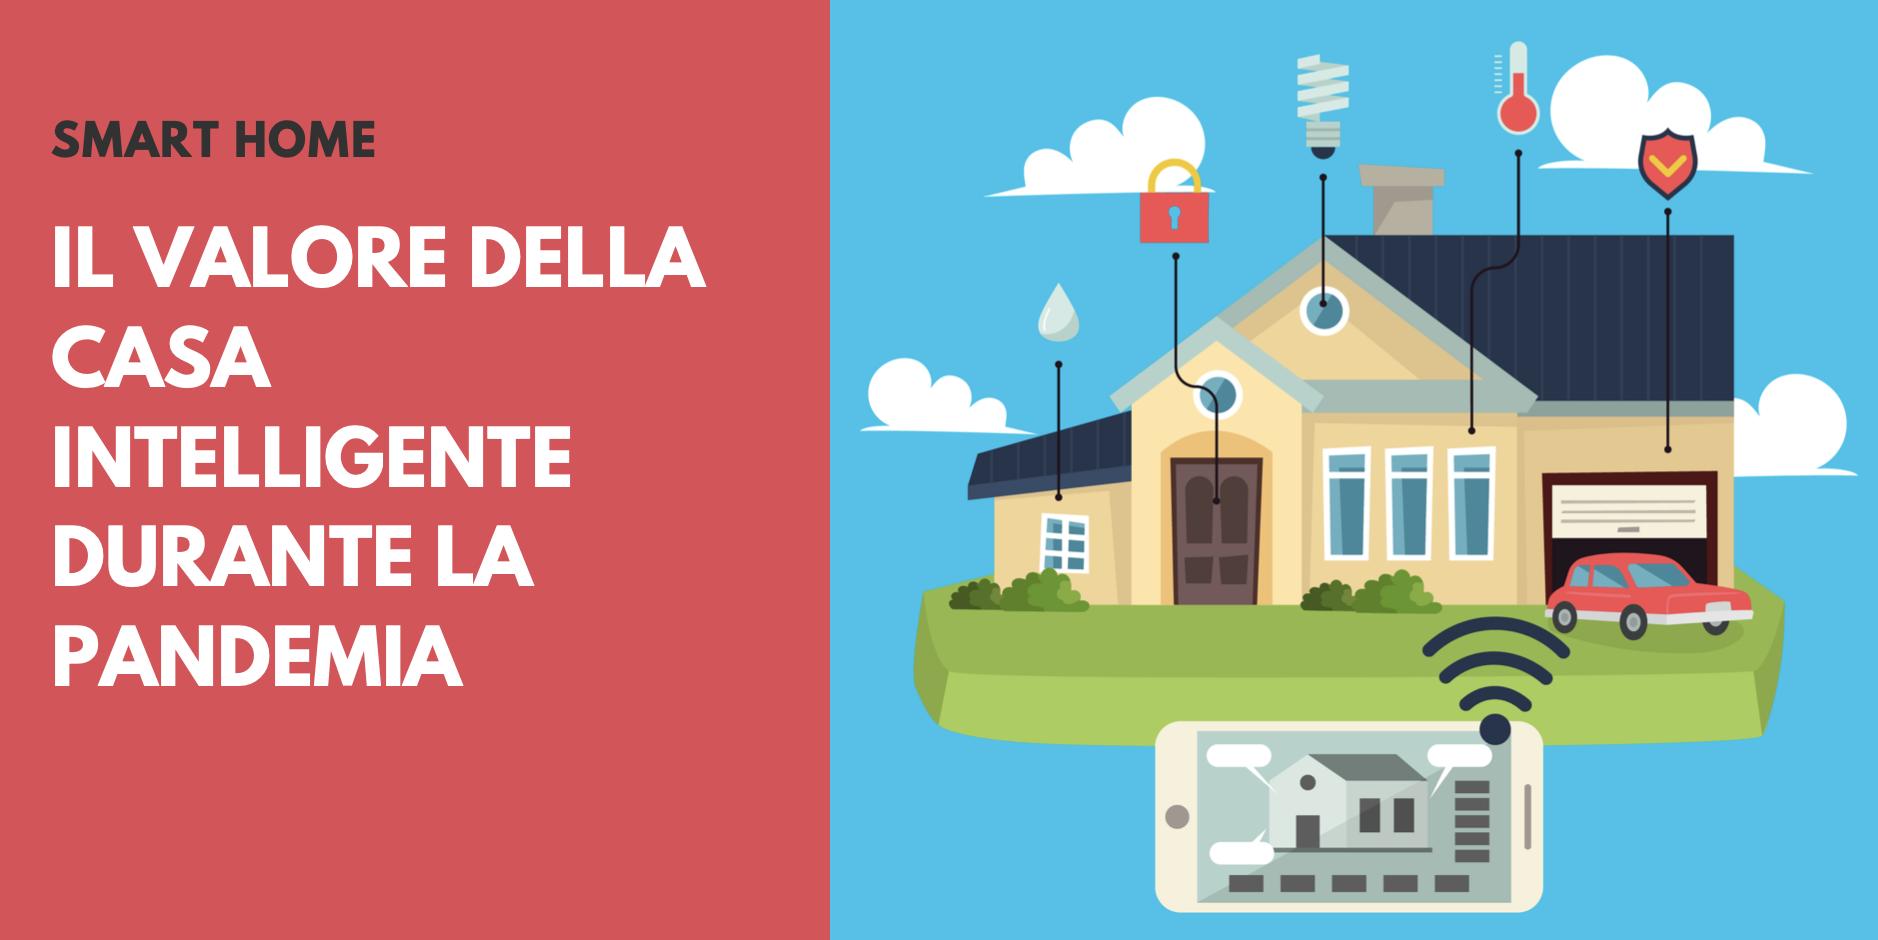 Smart Home, il valore della casa intelligente durante la pandemia. Trend e mercato.